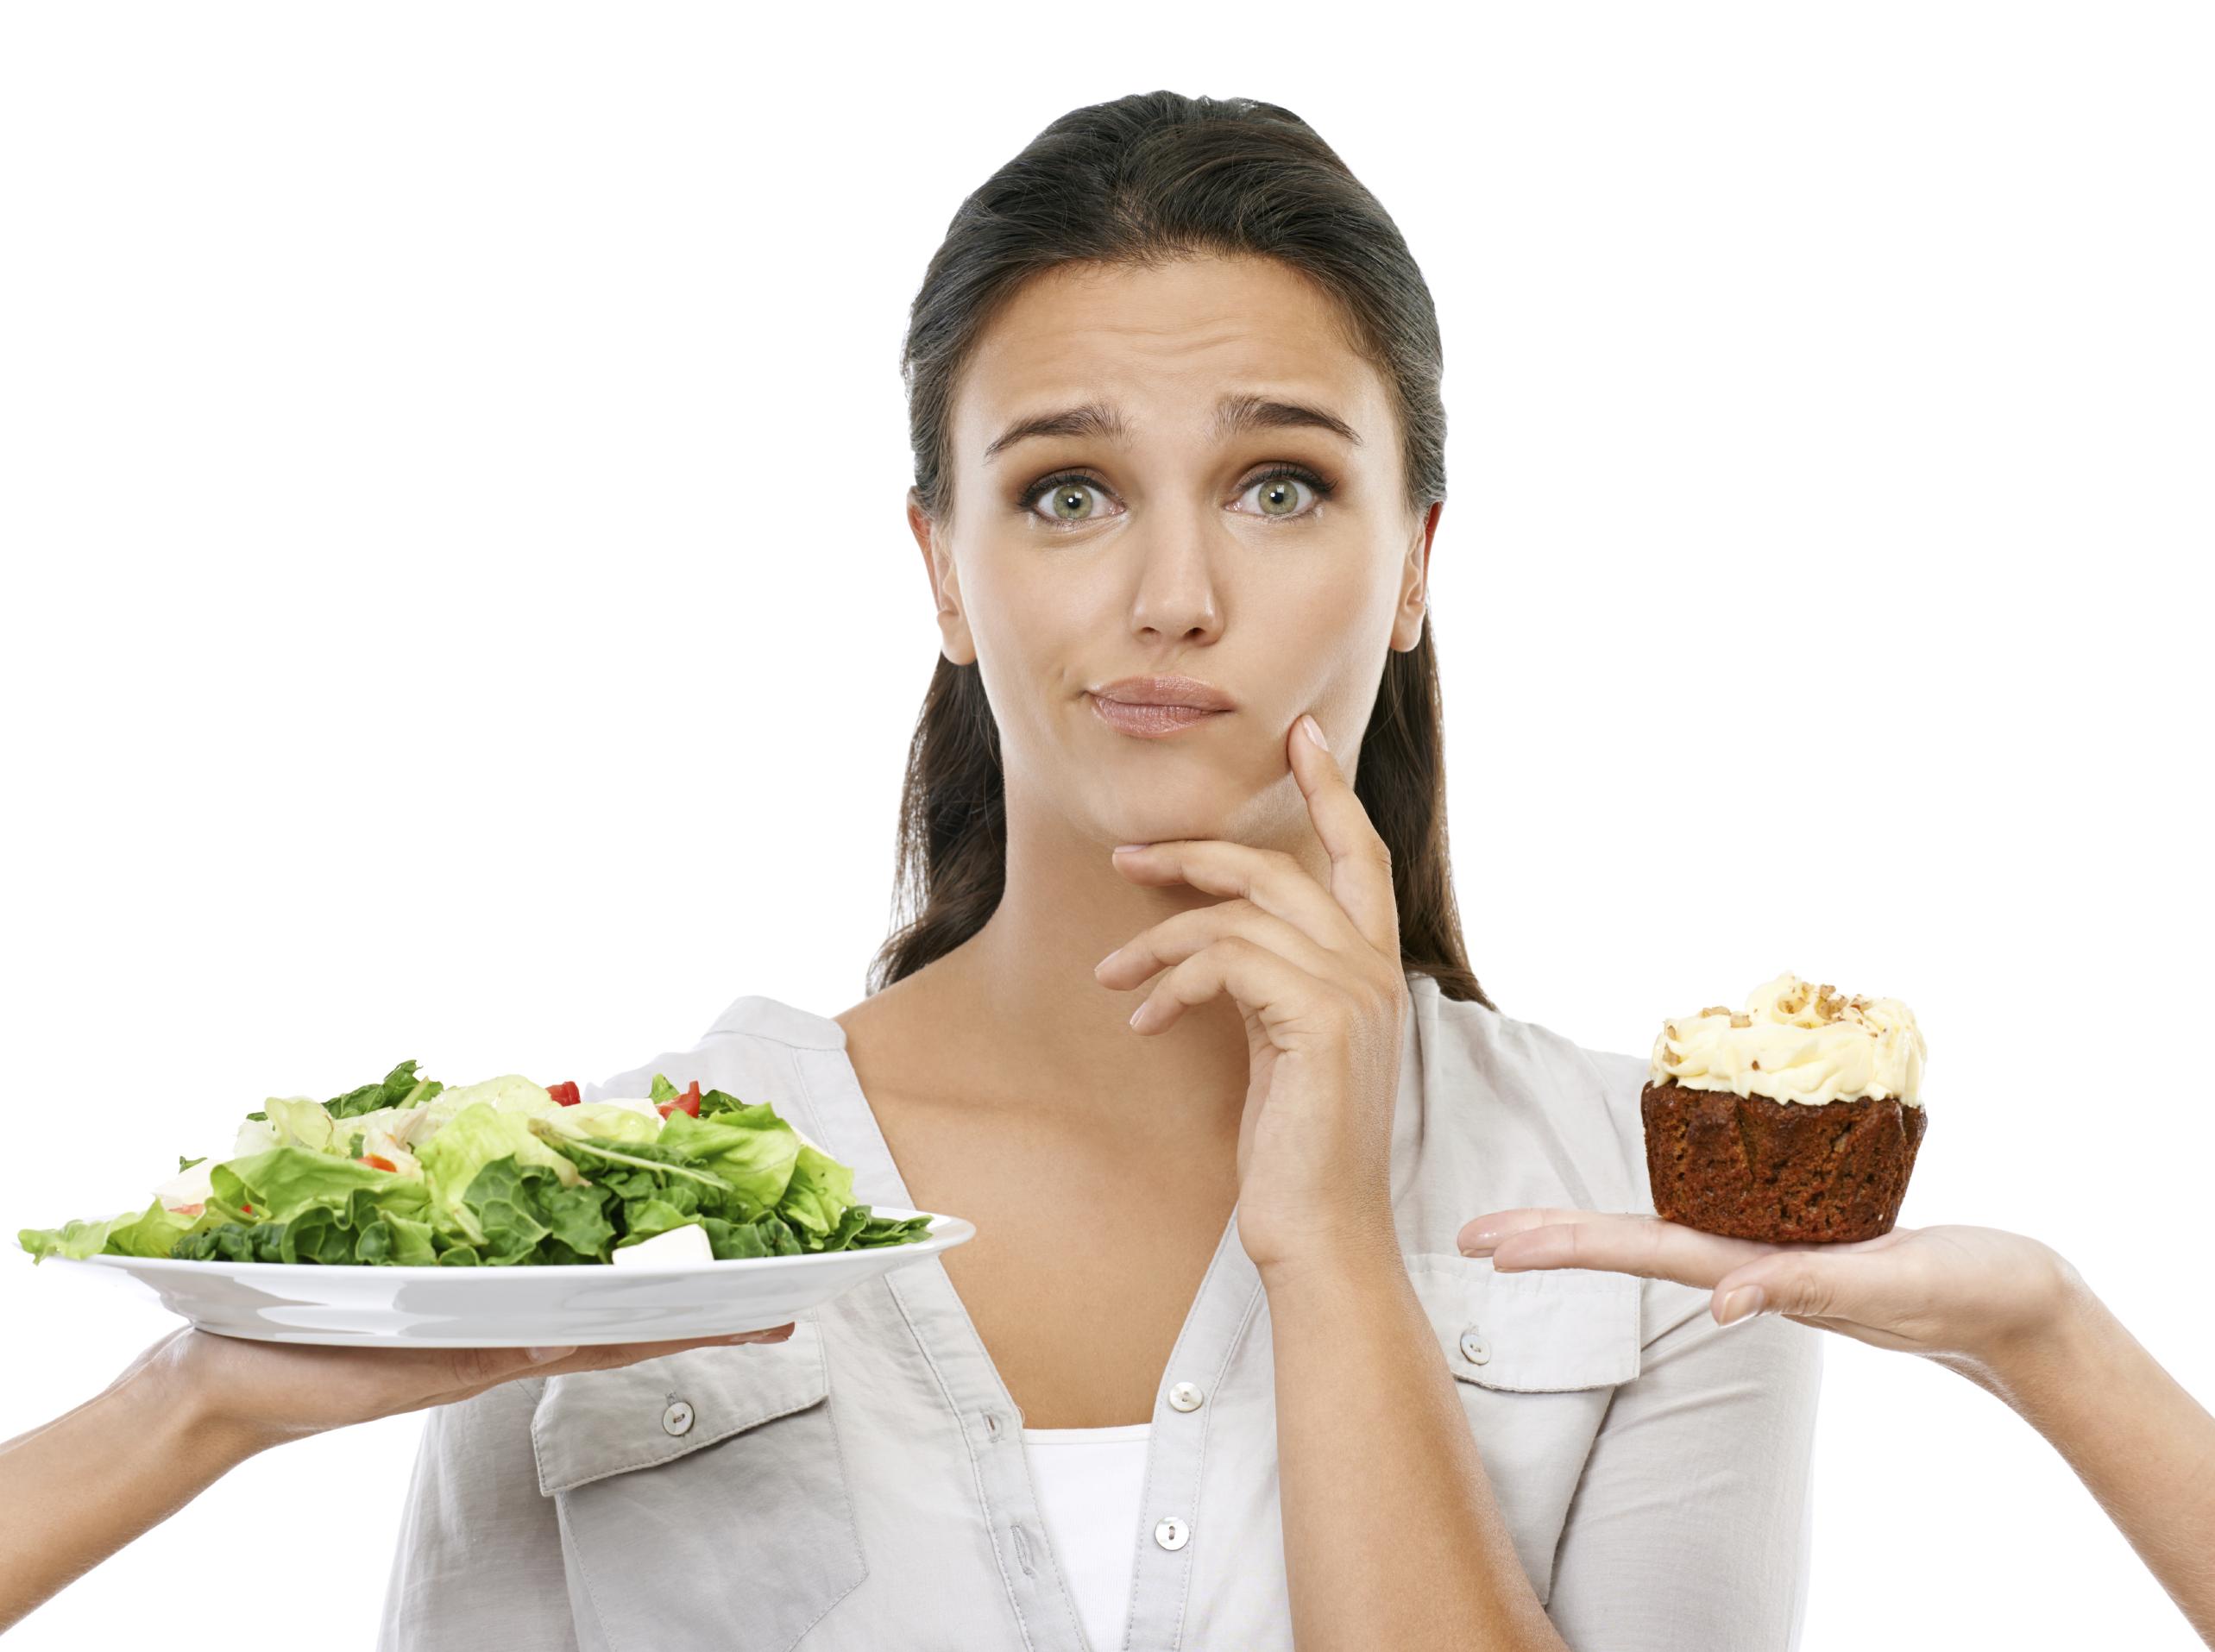 10 szuper étel, ami felveszi a harcot a magas vérnyomással - Egészség | Femina